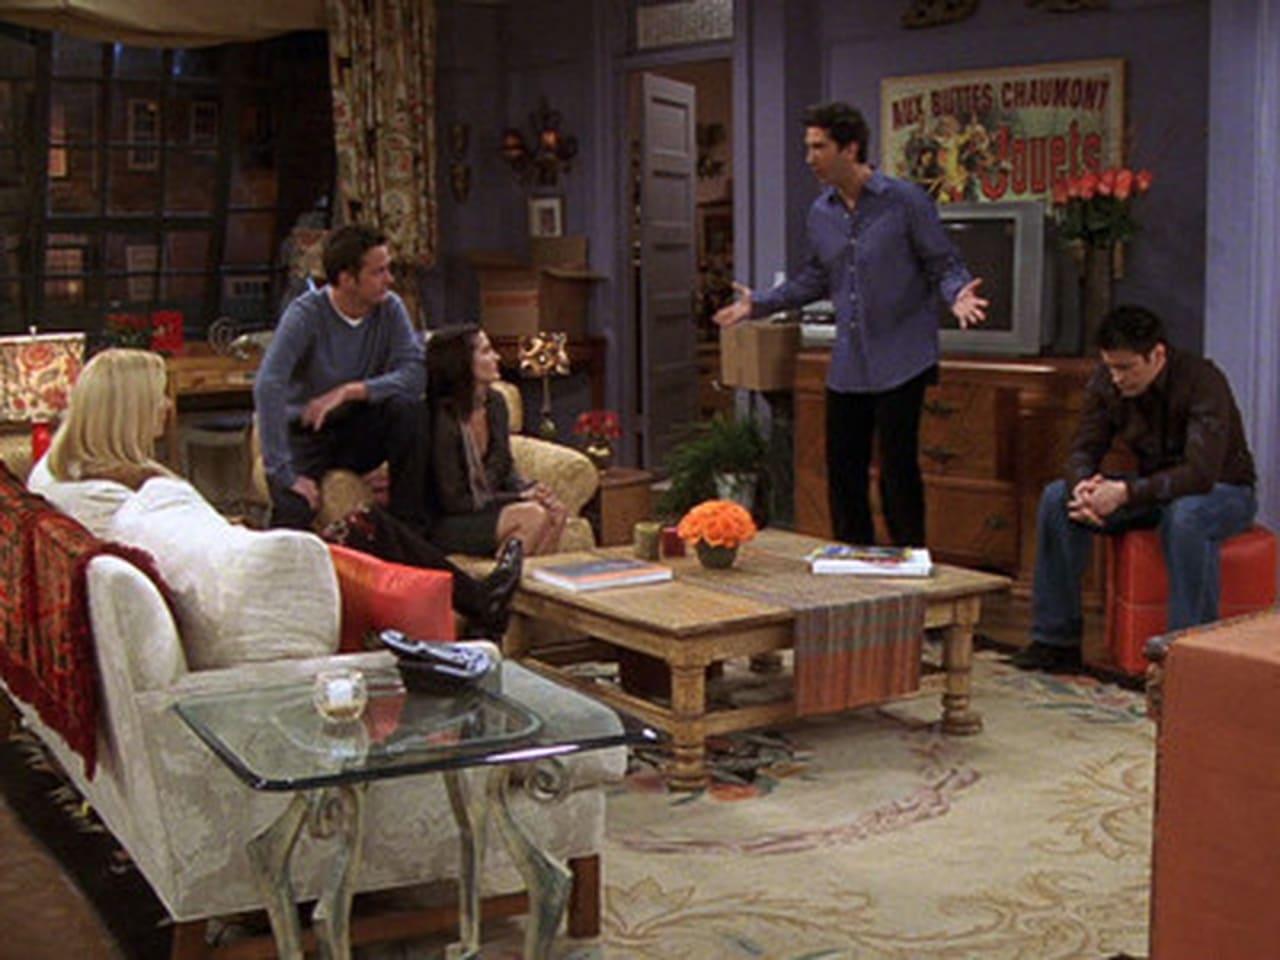 Квартира моники из сериала друзья фото